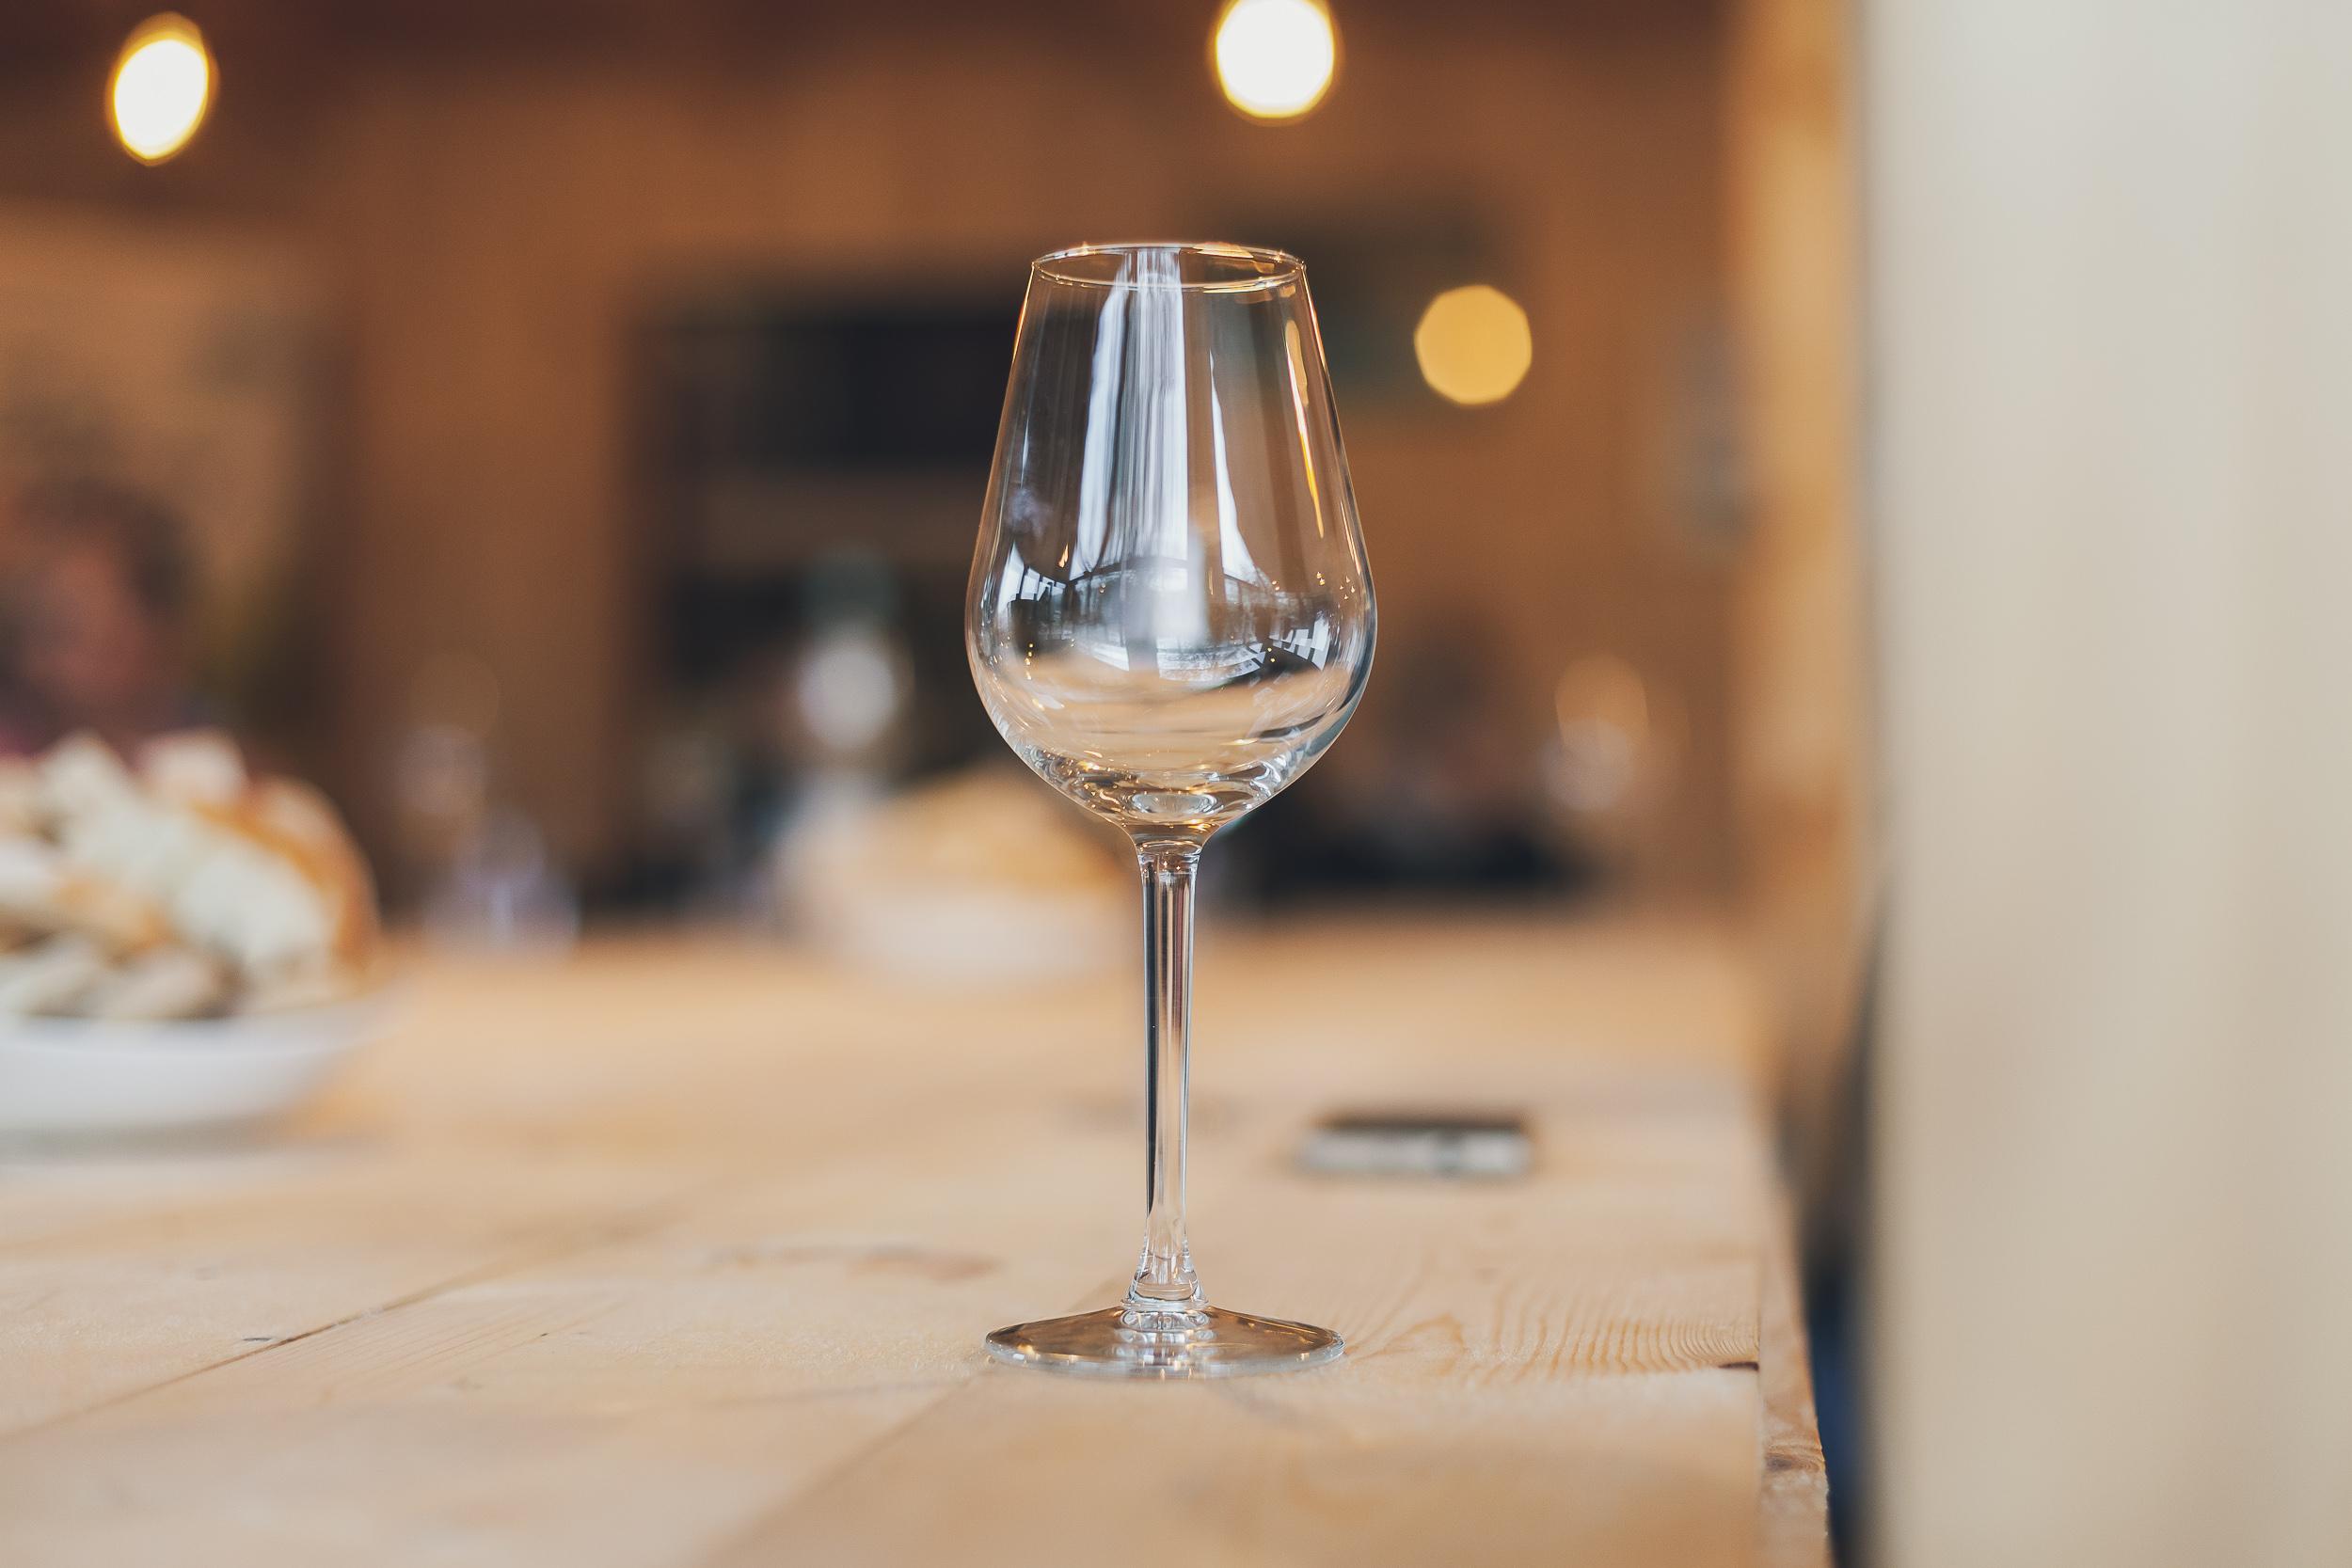 Odwołanie degustacji wina